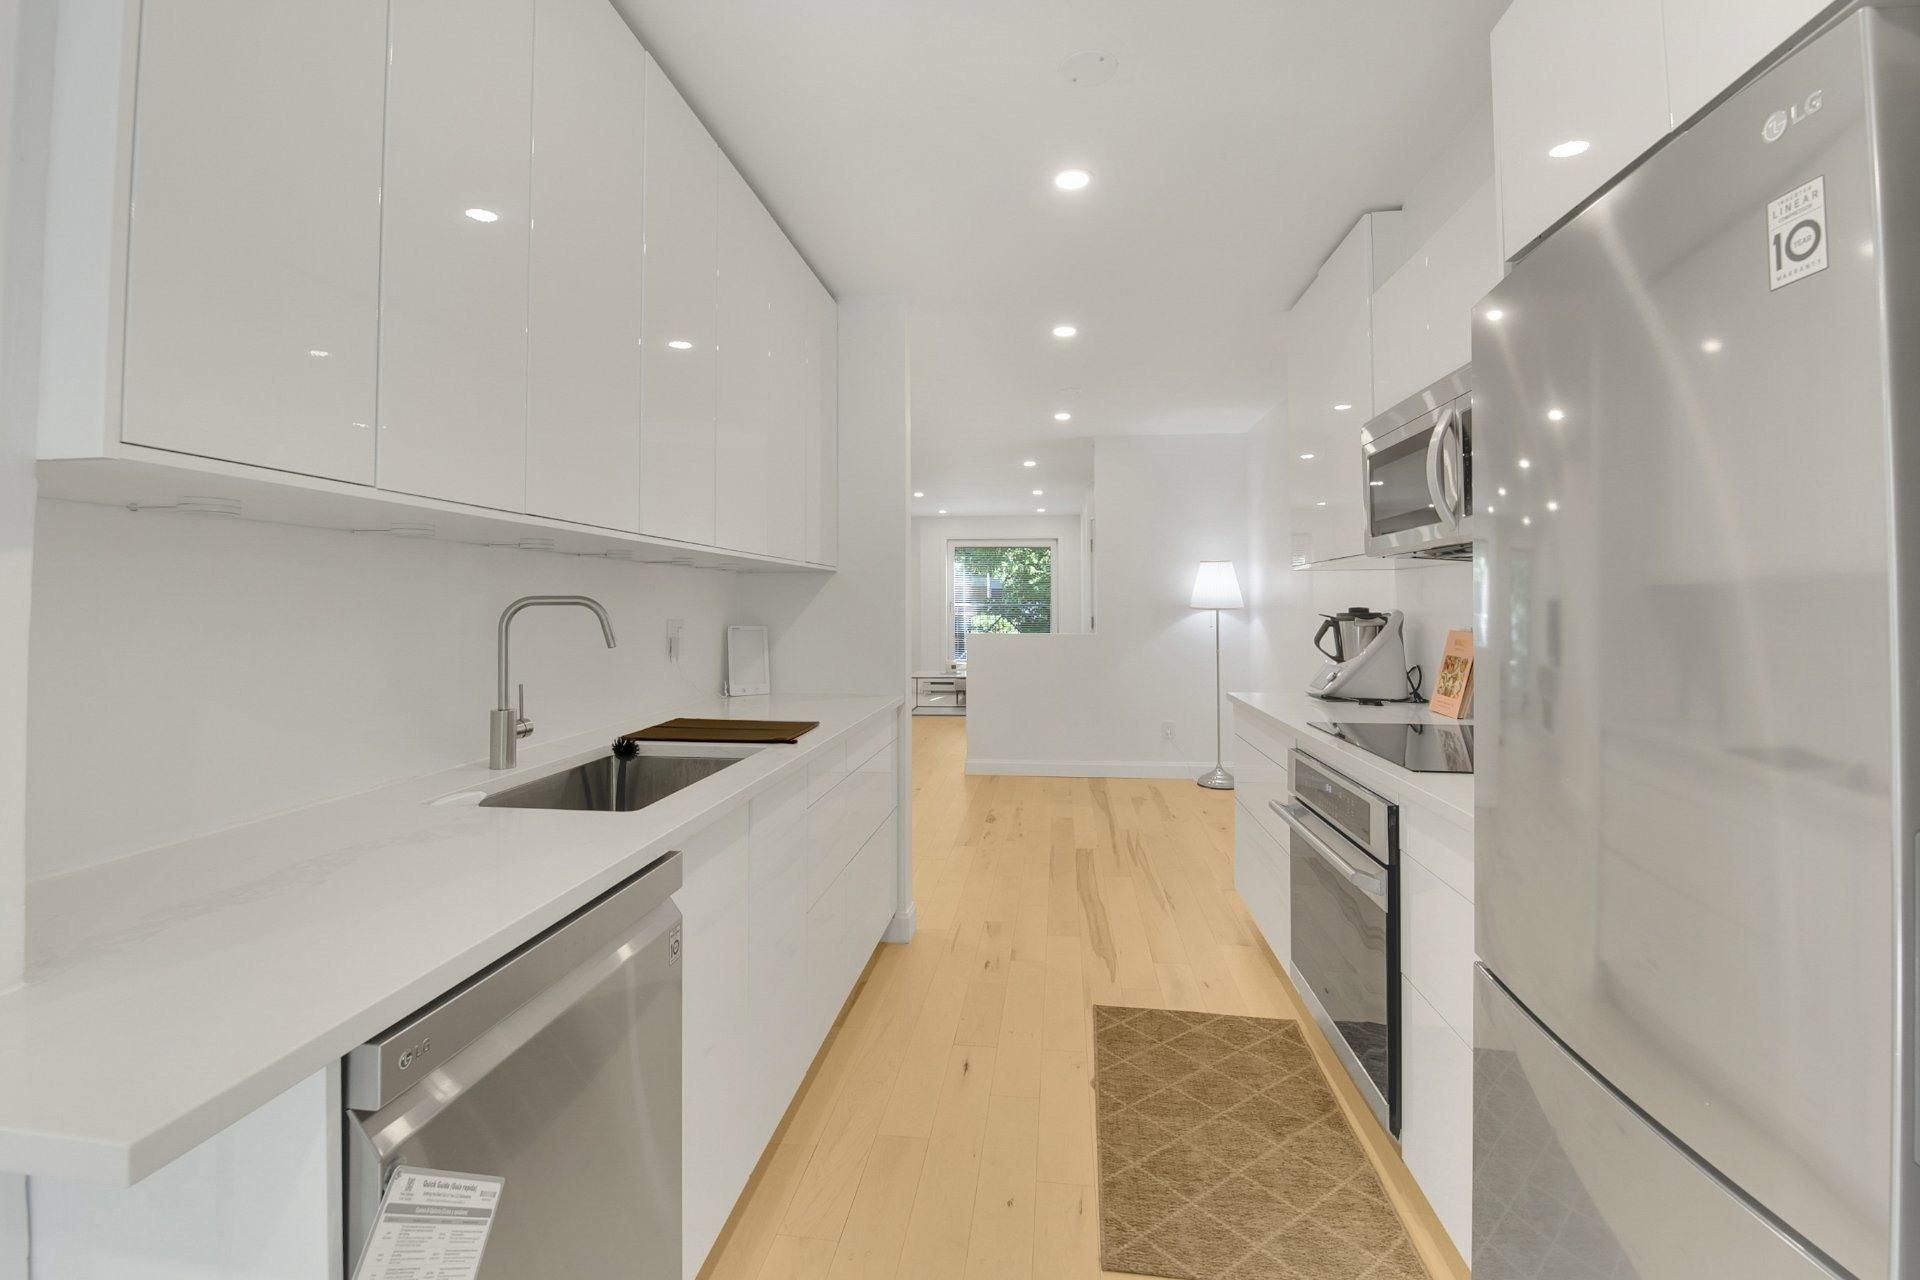 image 7 - Appartement À vendre Verdun/Île-des-Soeurs Montréal  - 7 pièces